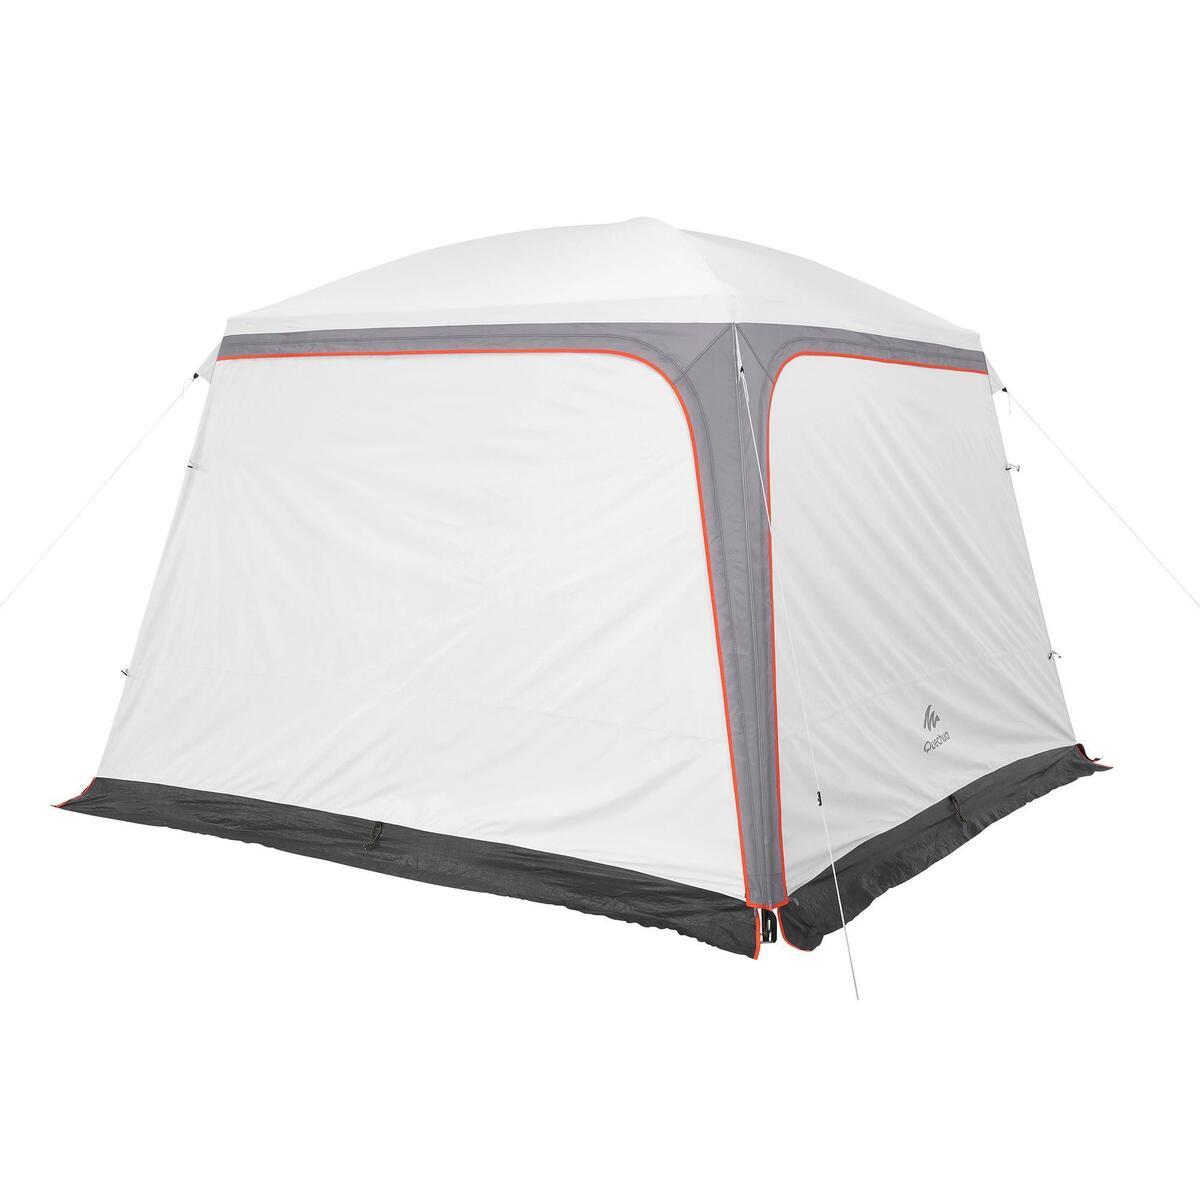 Bild 3 von Pavillon Arpenaz 3 נ3 m mit Türen 10 Personen Camping LSF 50+ Fresh&Black weiß